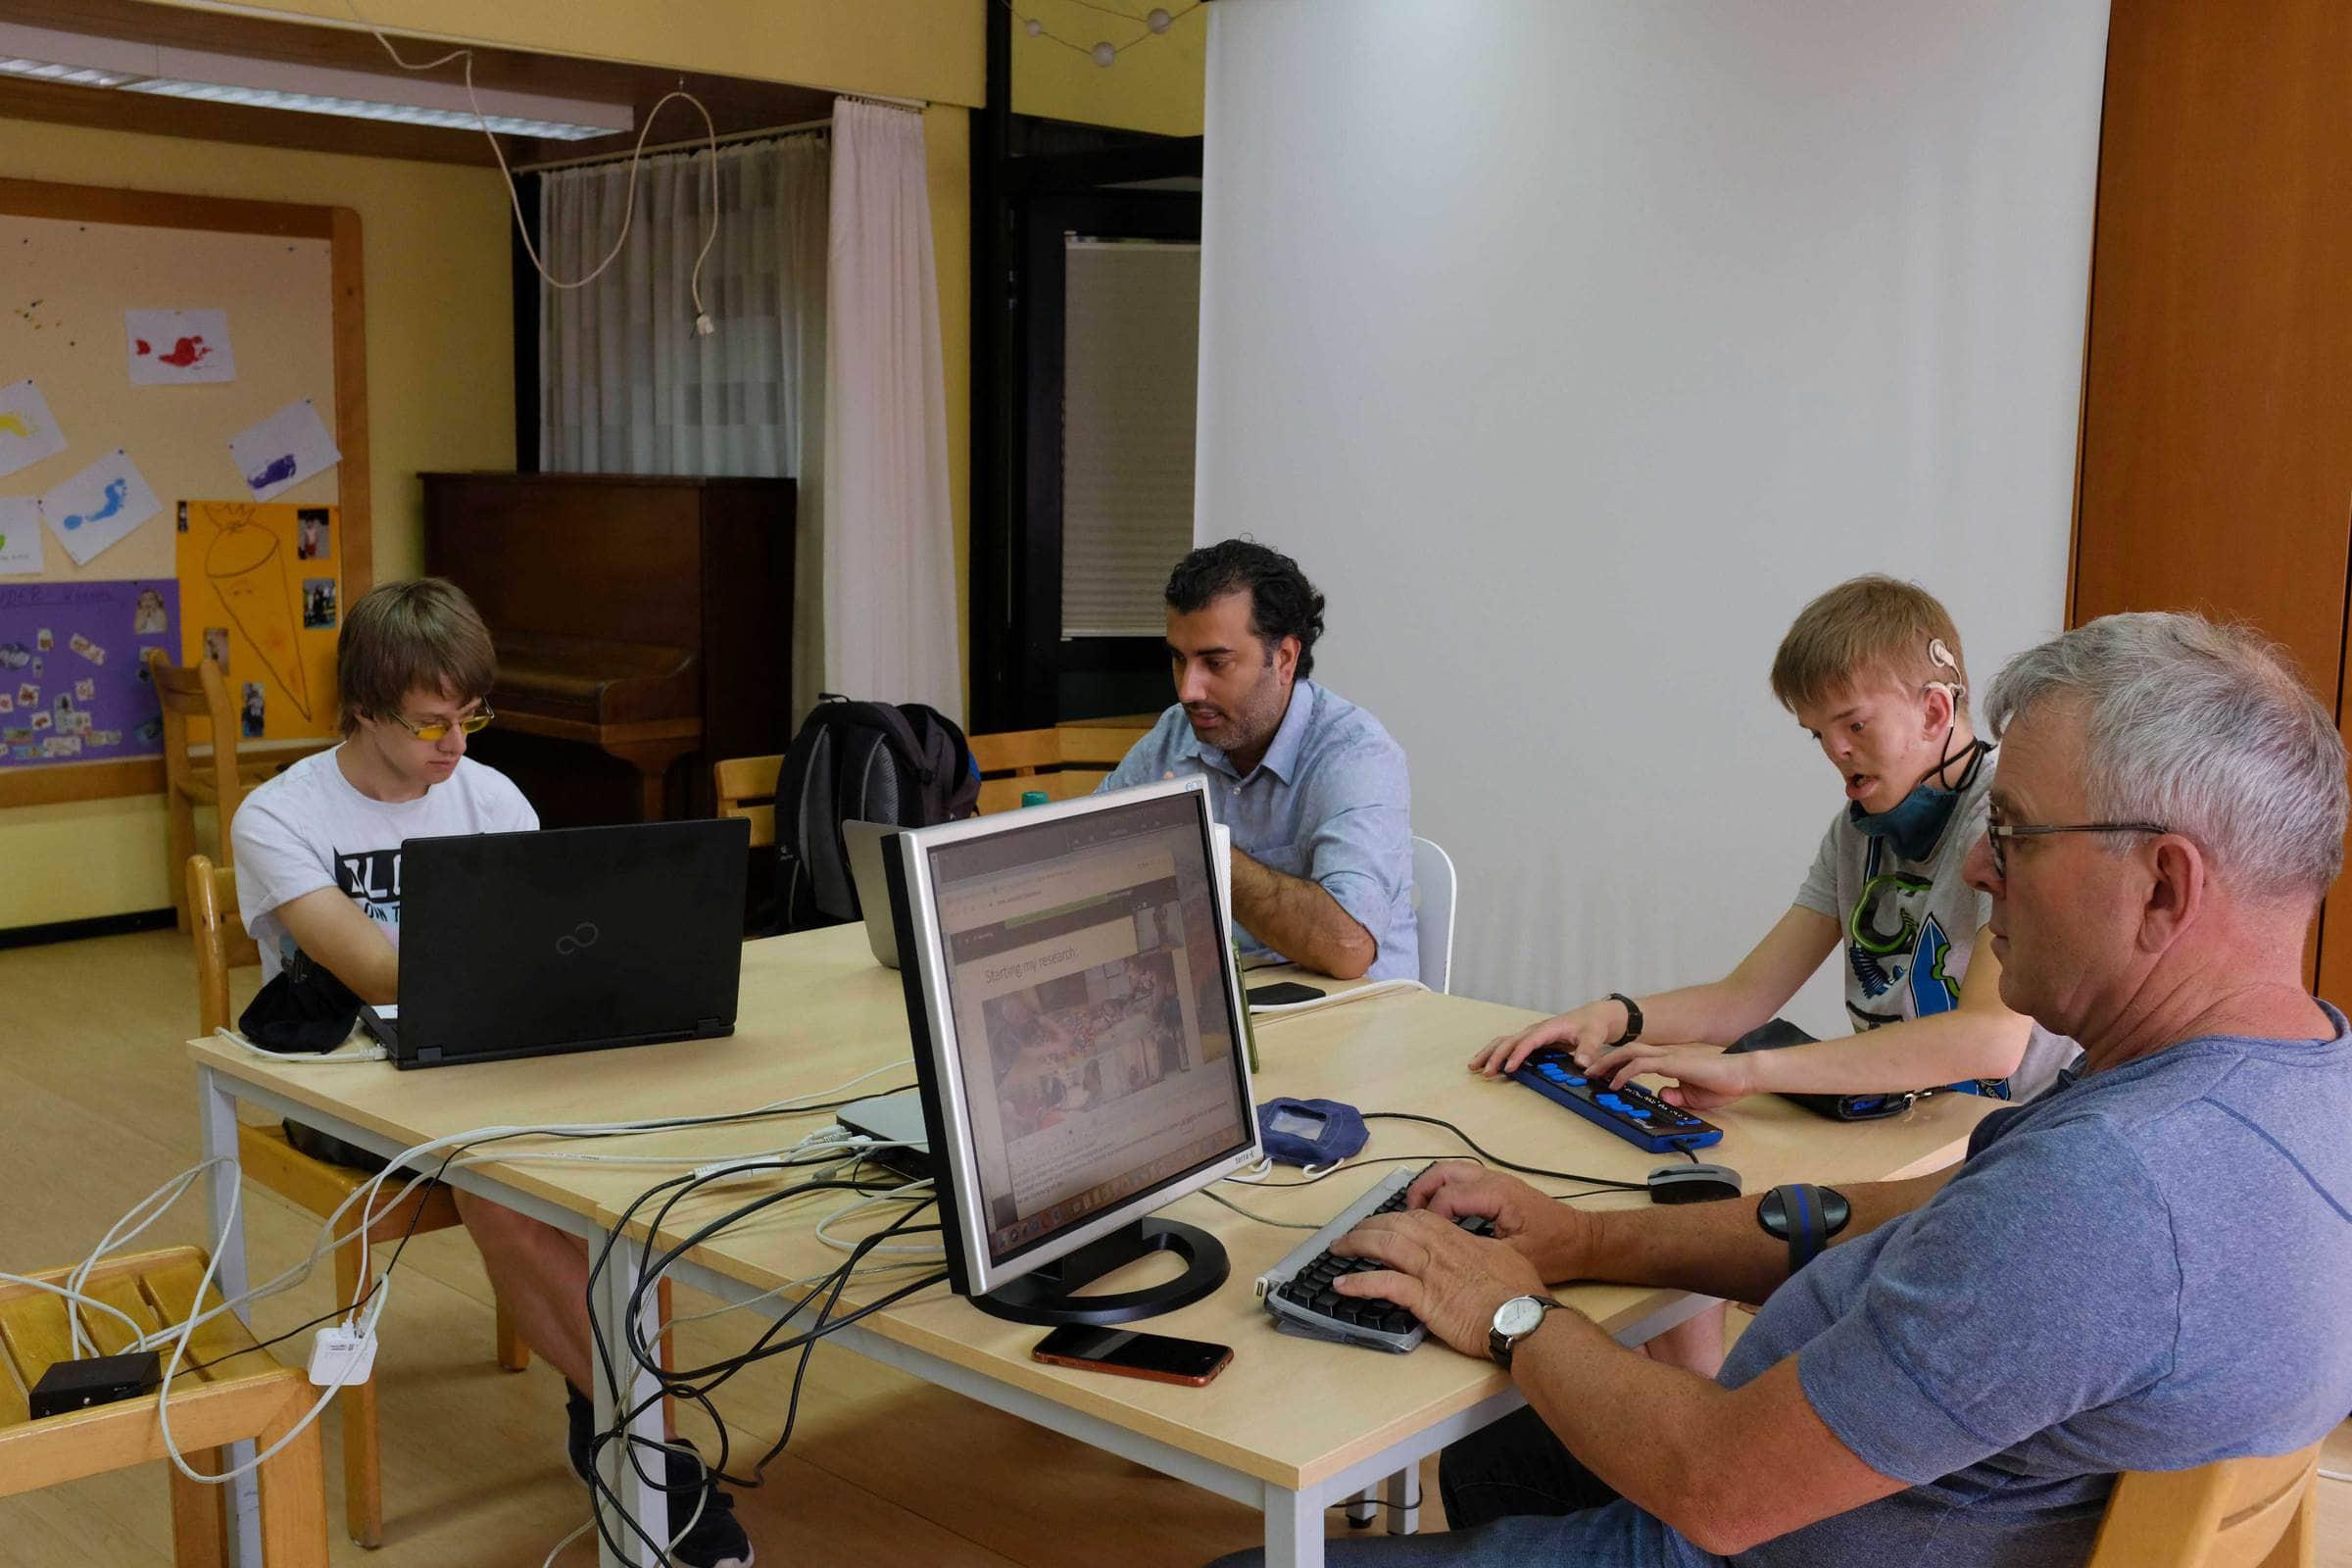 Schüler und Lehrer sitzen am Tisch und arbeiten an Rechnern